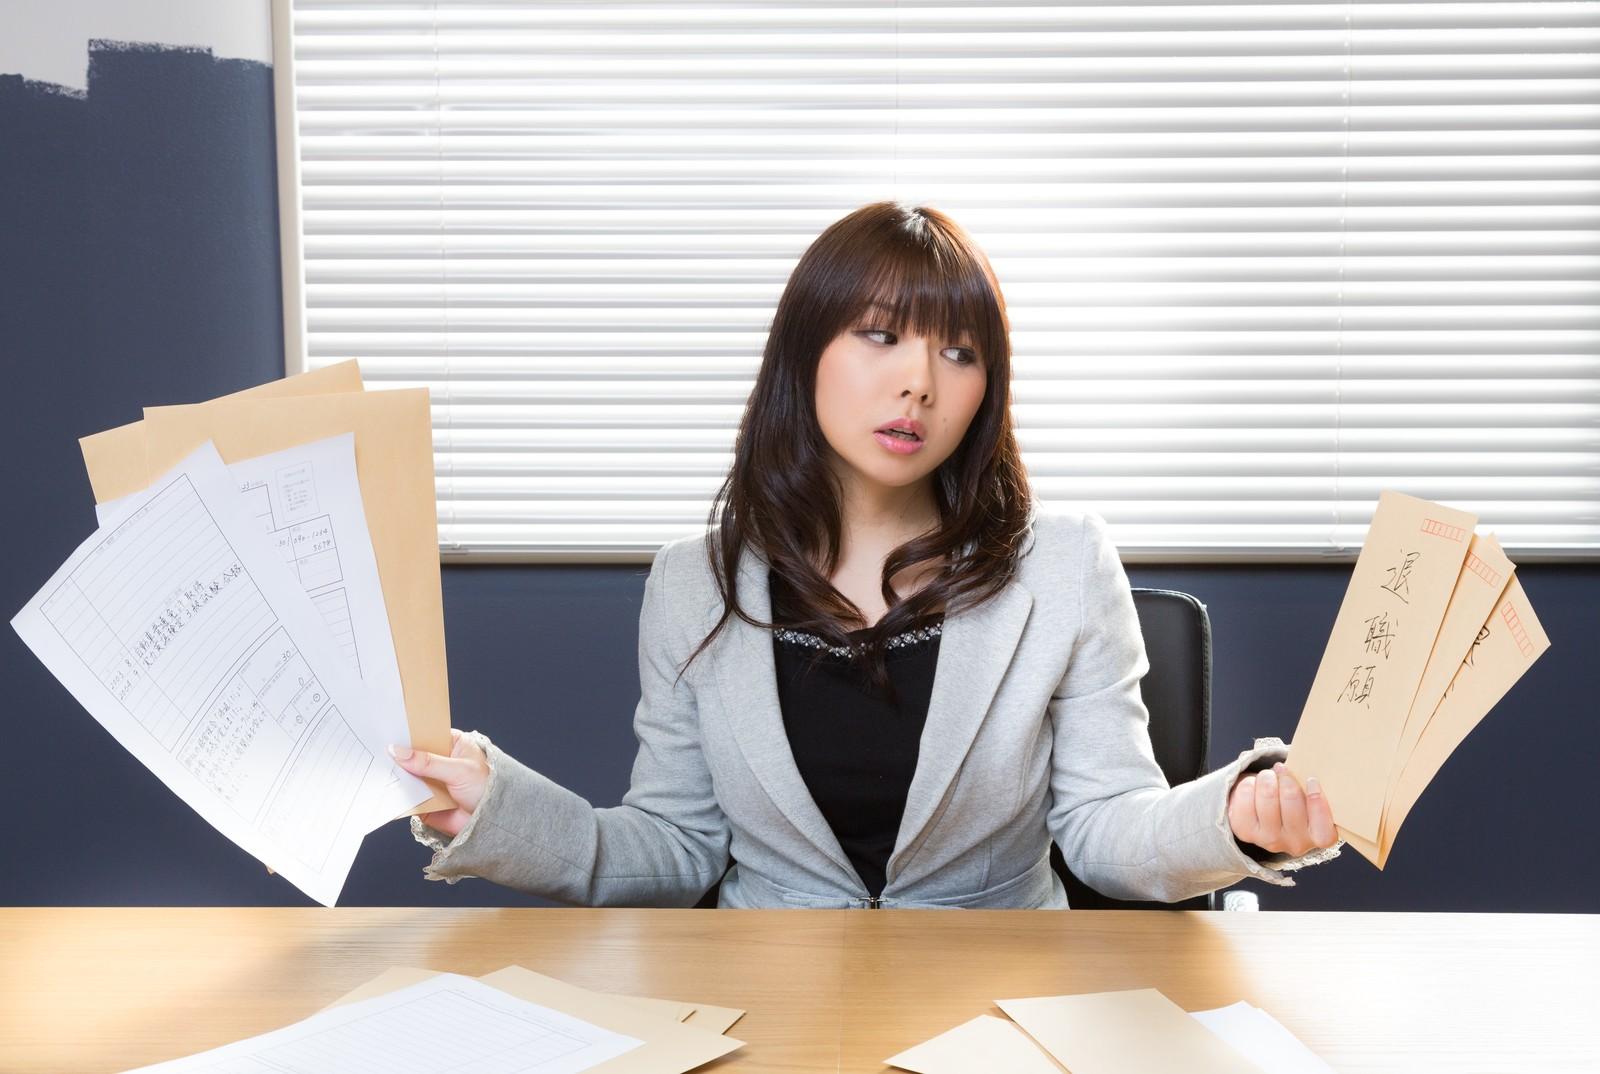 仕事を辞めると言った後に大変だったこと。手続き、周囲への対応や過ごし方。